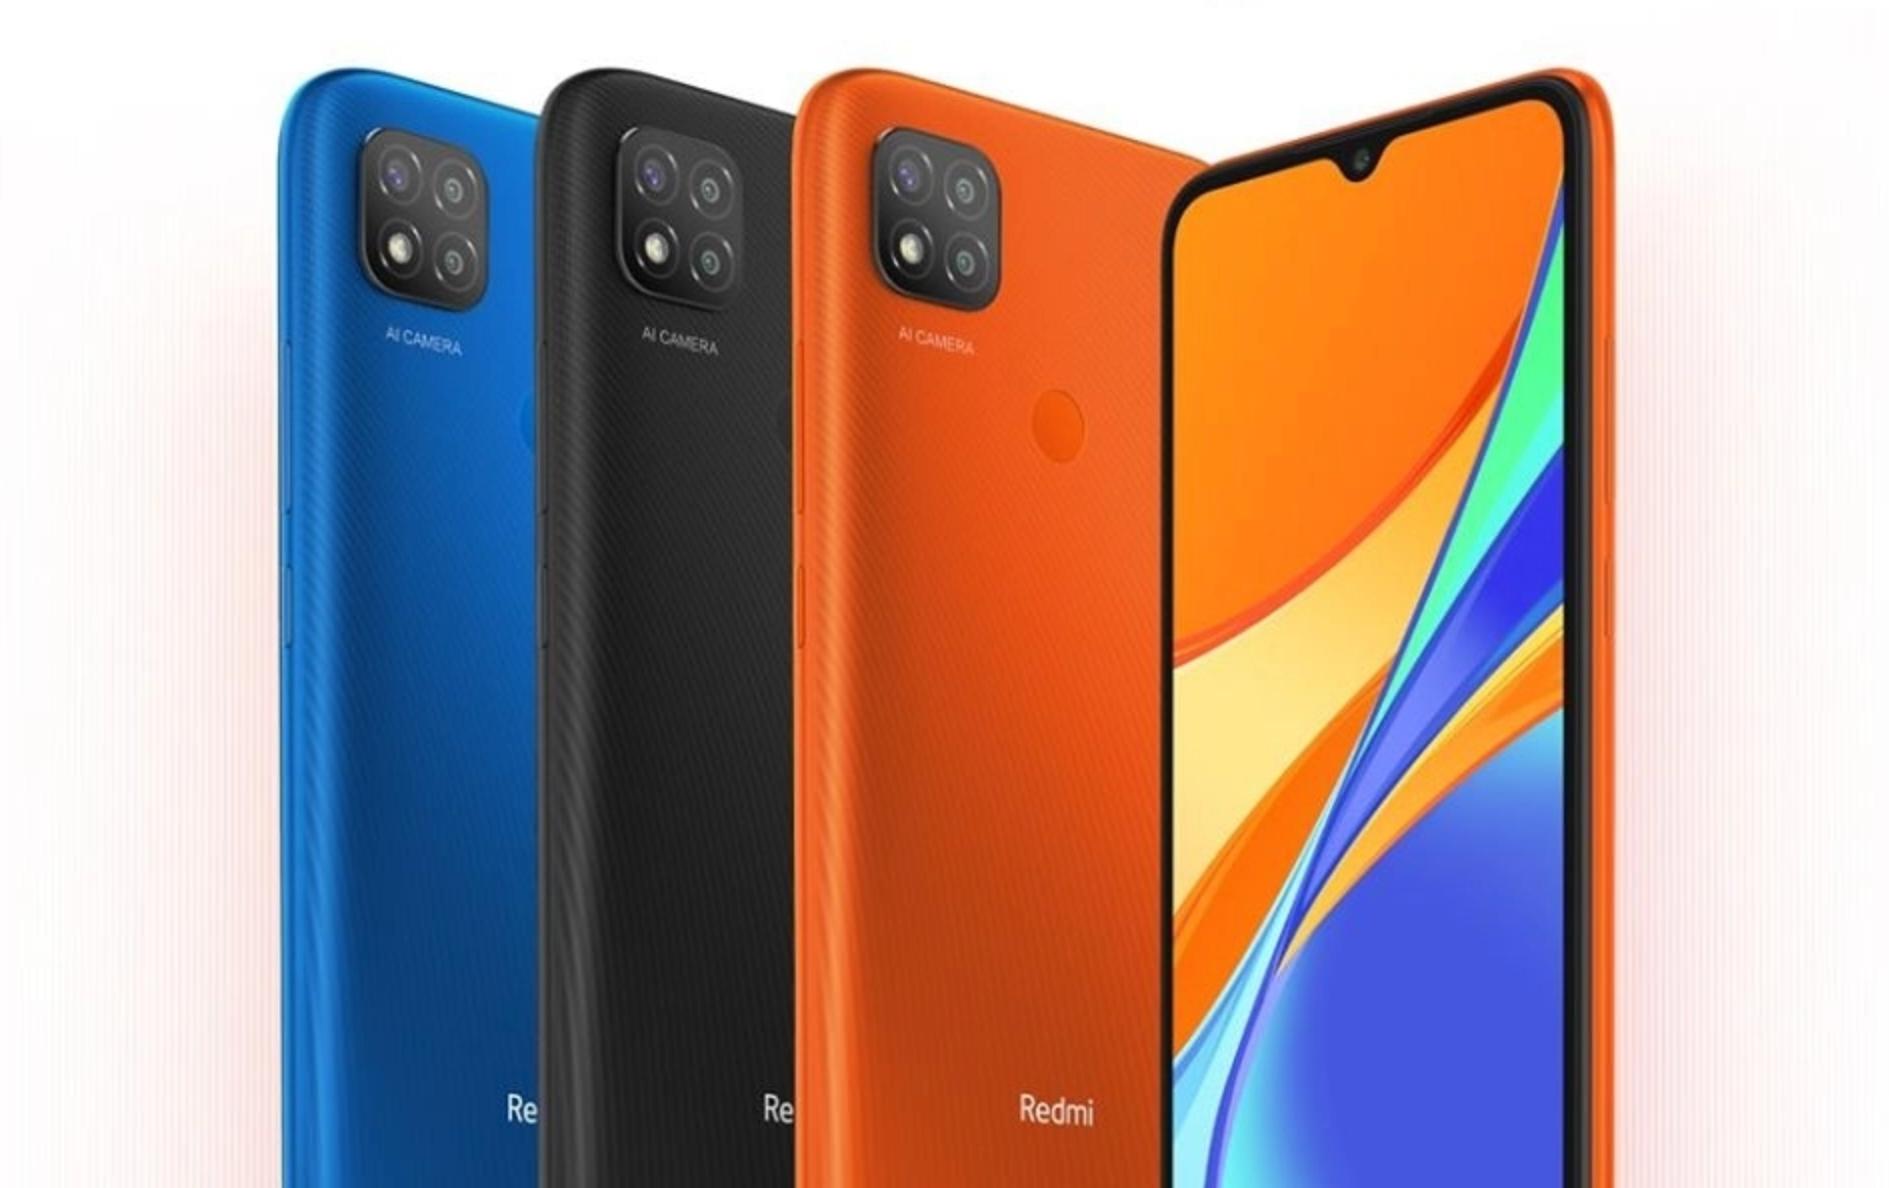 Xiaomi представила Redmi 9A и Redmi 9C: 6.53-дюймовые дисплеи, аккумуляторы на 5000 мАч, чипы Helio G35/G25 и ценник от $83